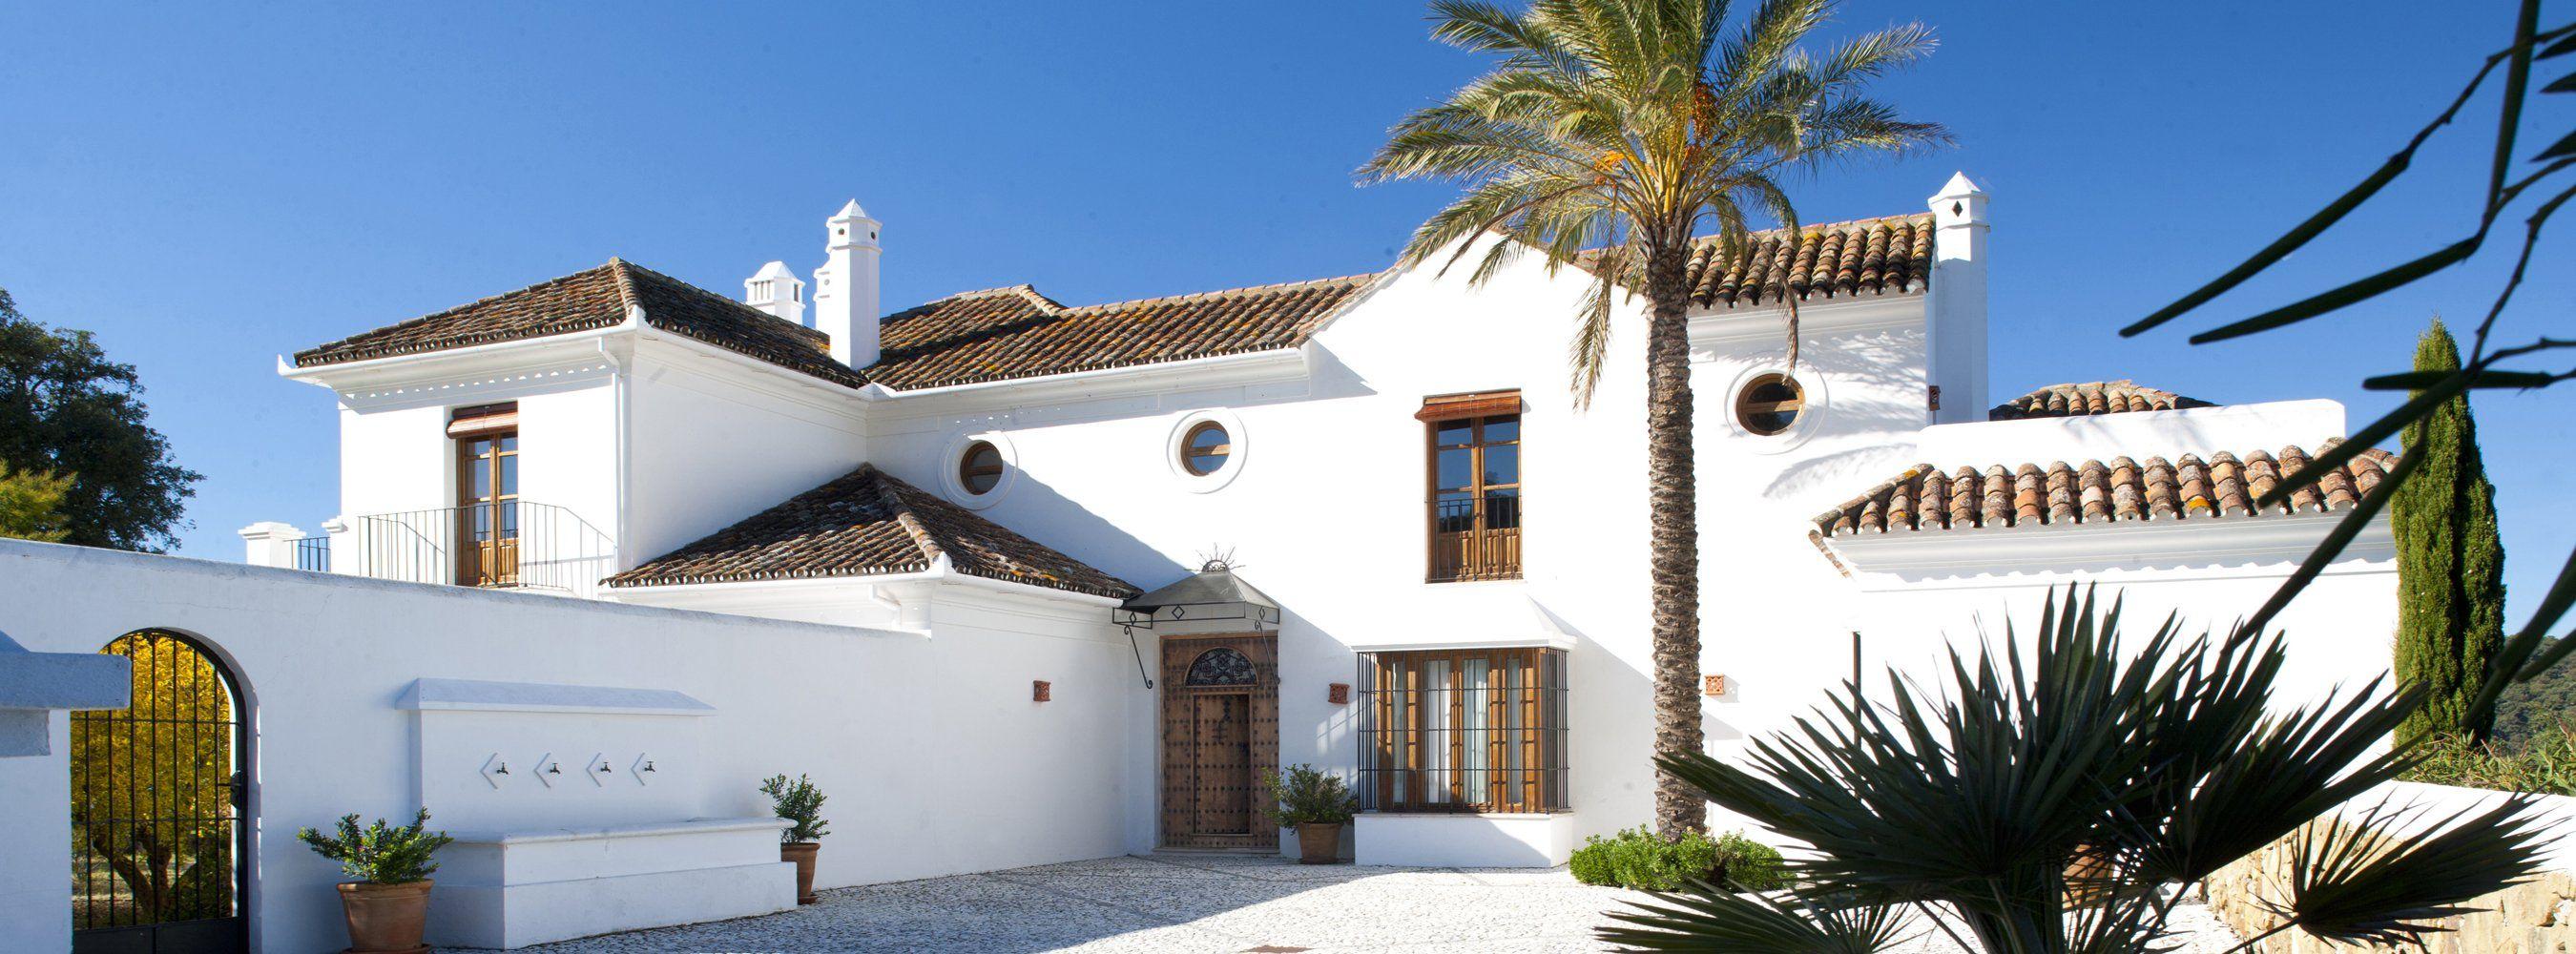 villa front facade